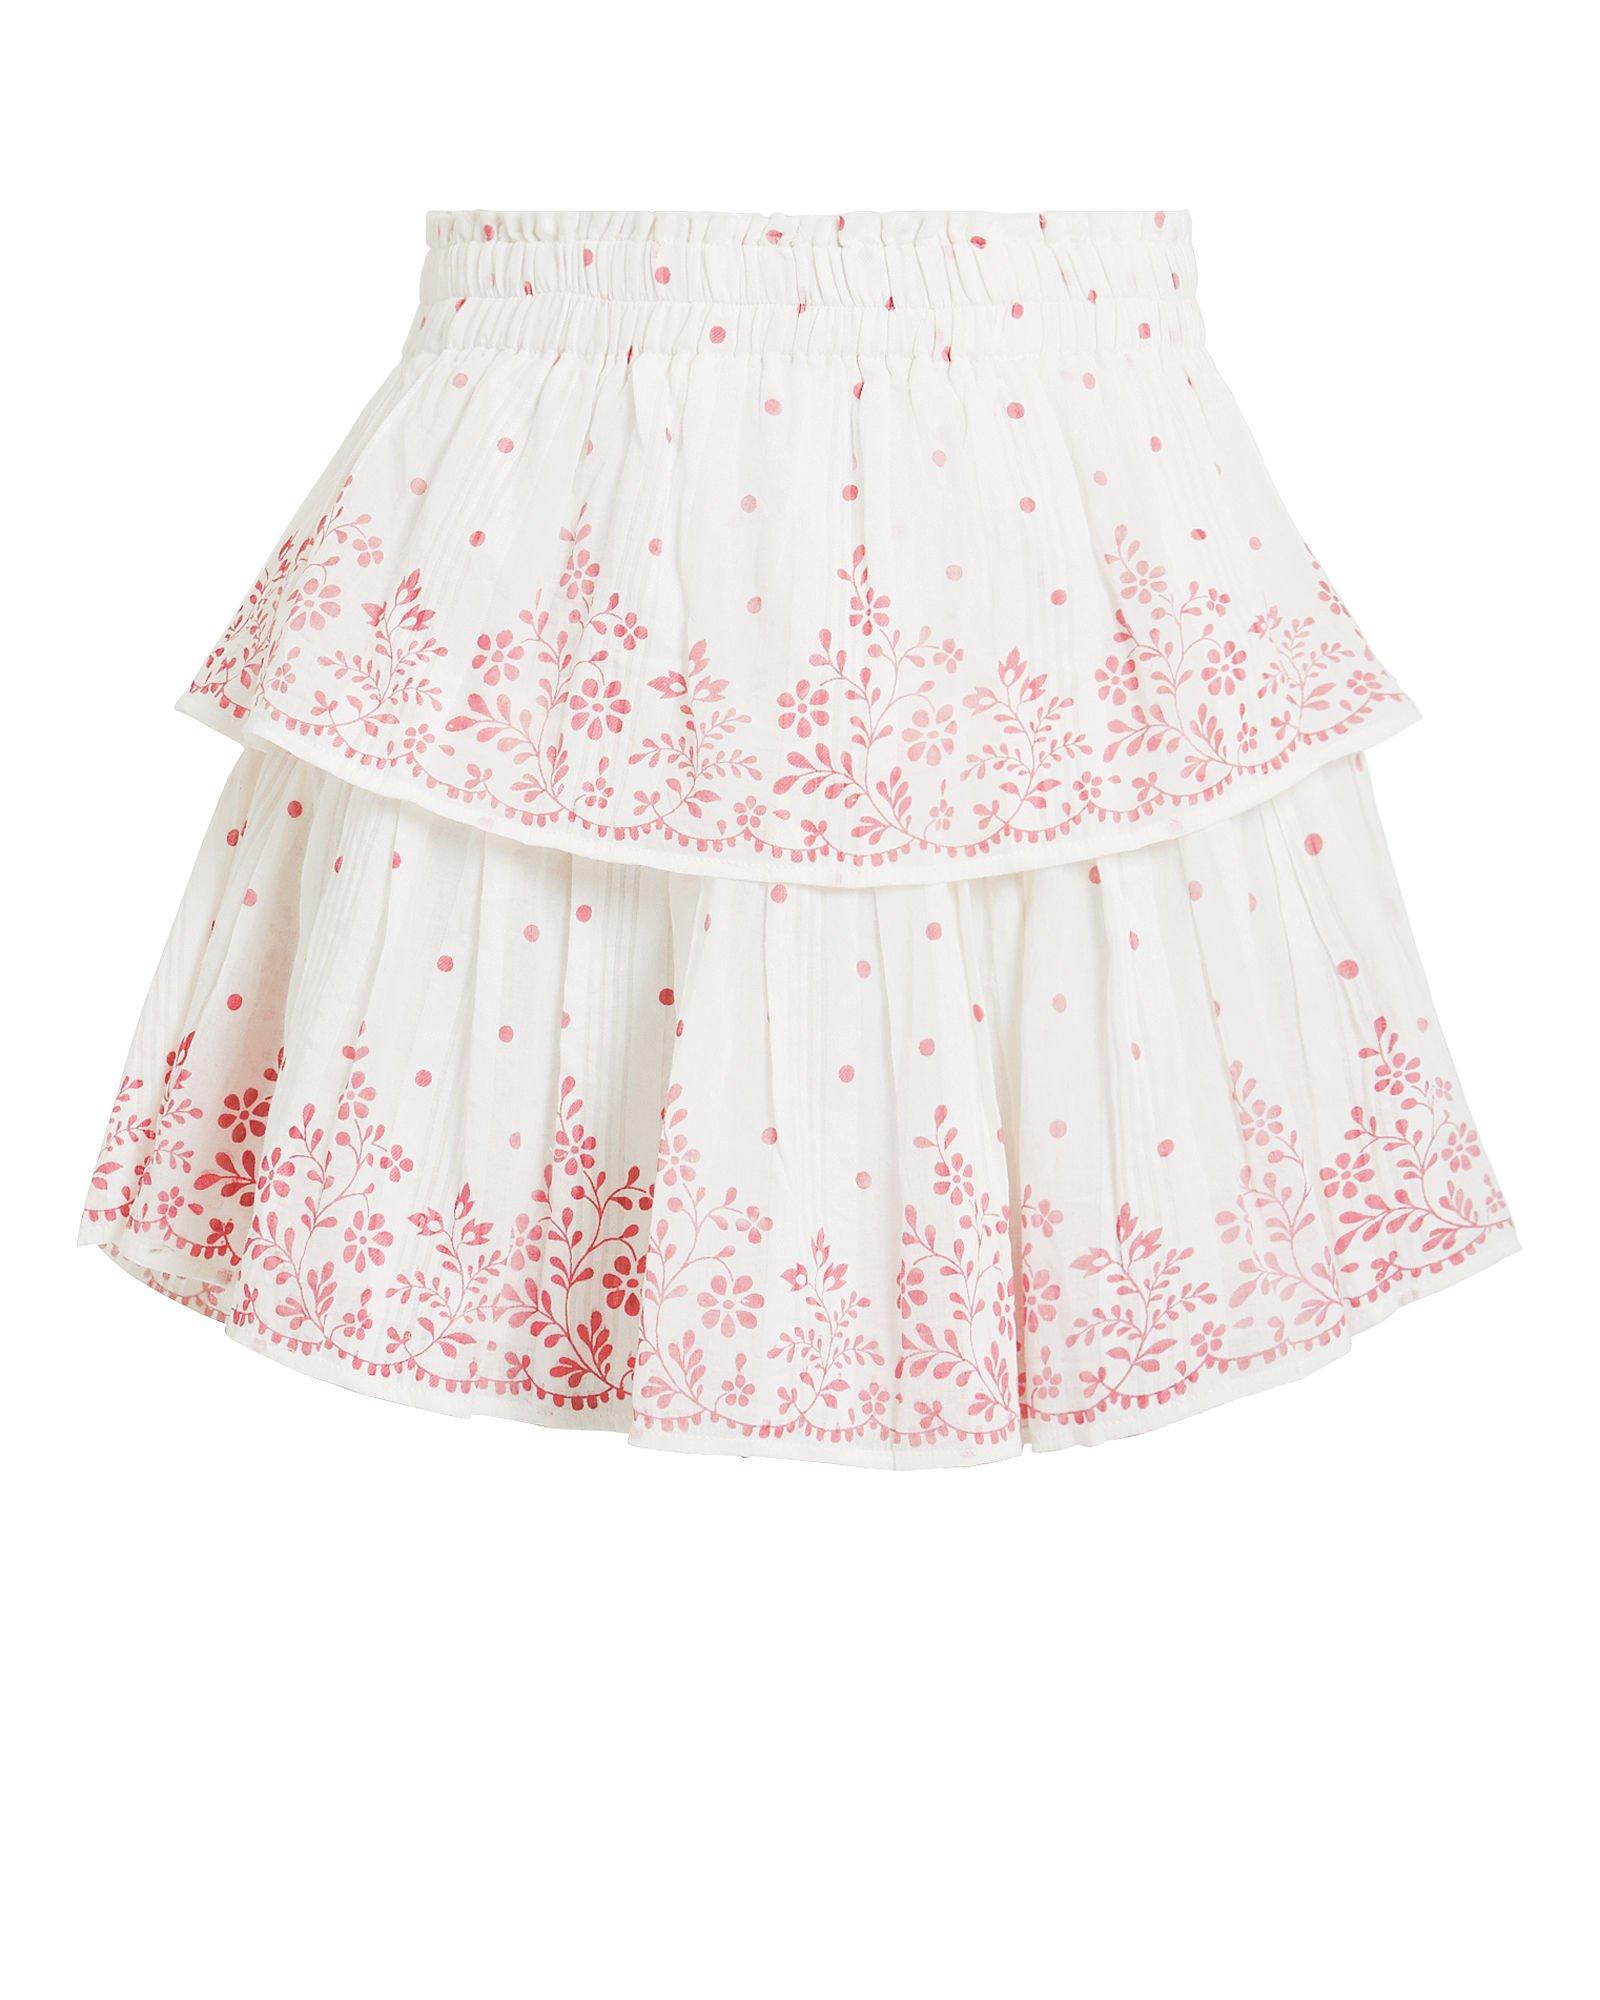 Ruffle Polka Dot Mini Skirt